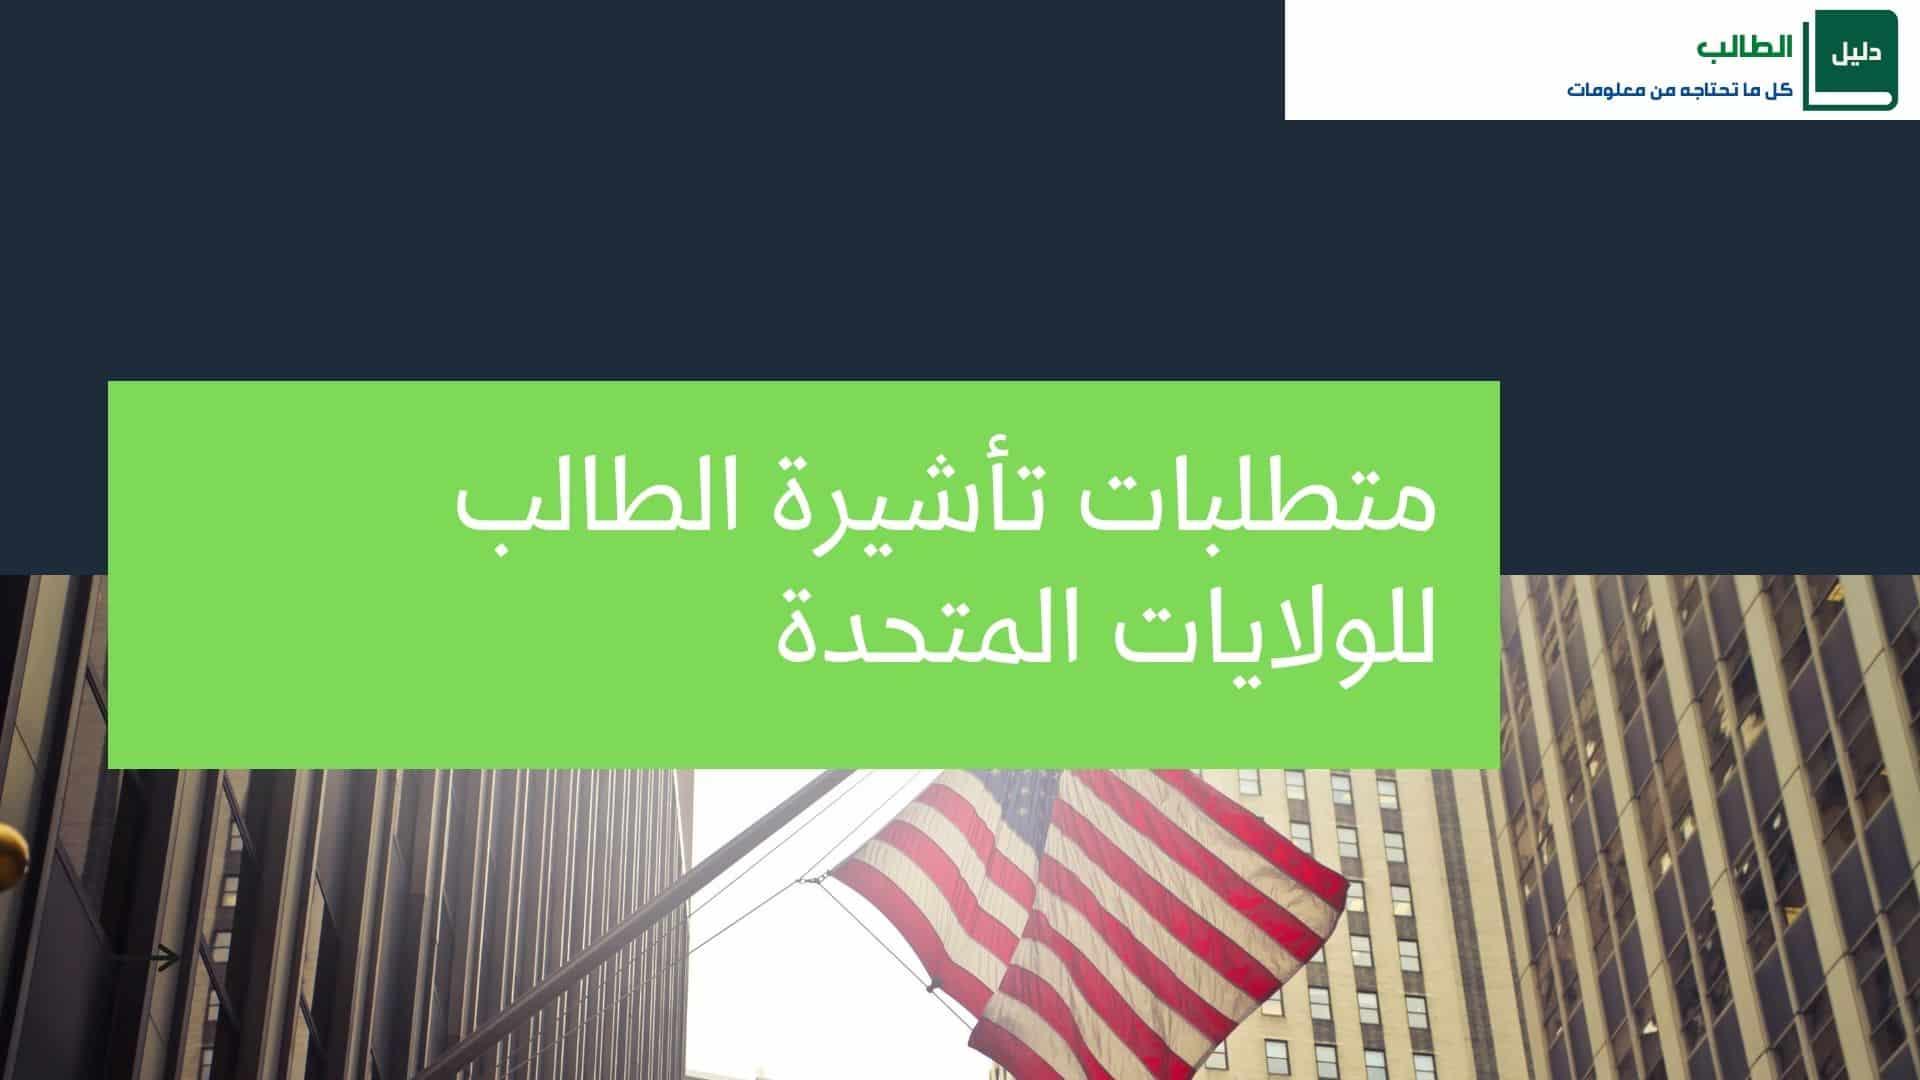 تاشيرة طالب امريكا – متطلبات فيزا الدراسة في امريكا